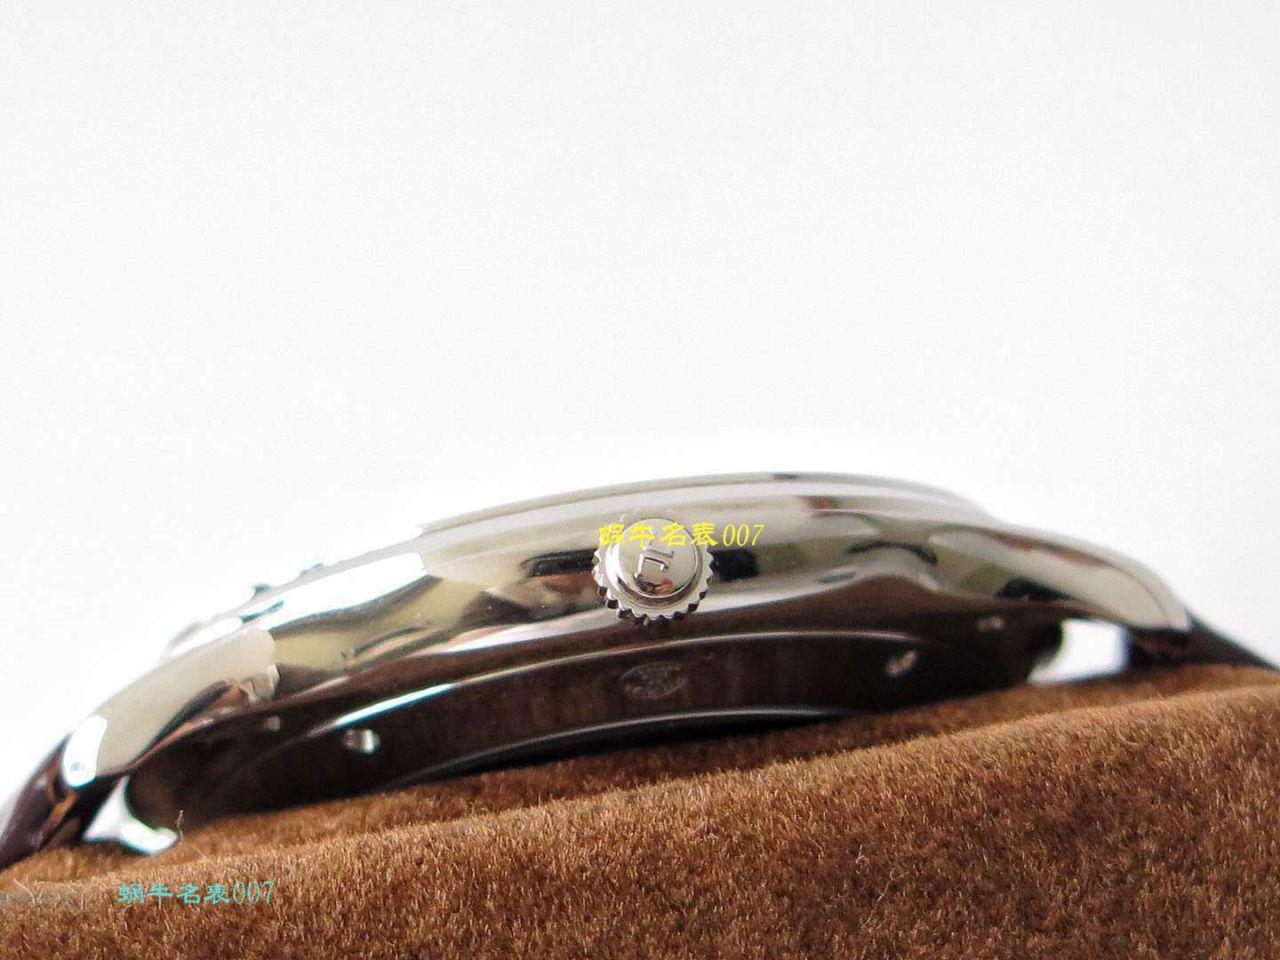 ZF超薄臻品【极简主义 超薄设计】复刻手表家积家Jaeger-LeCoultre MASTER ULTRA THIN超薄大师系列腕表系列 / JJ138